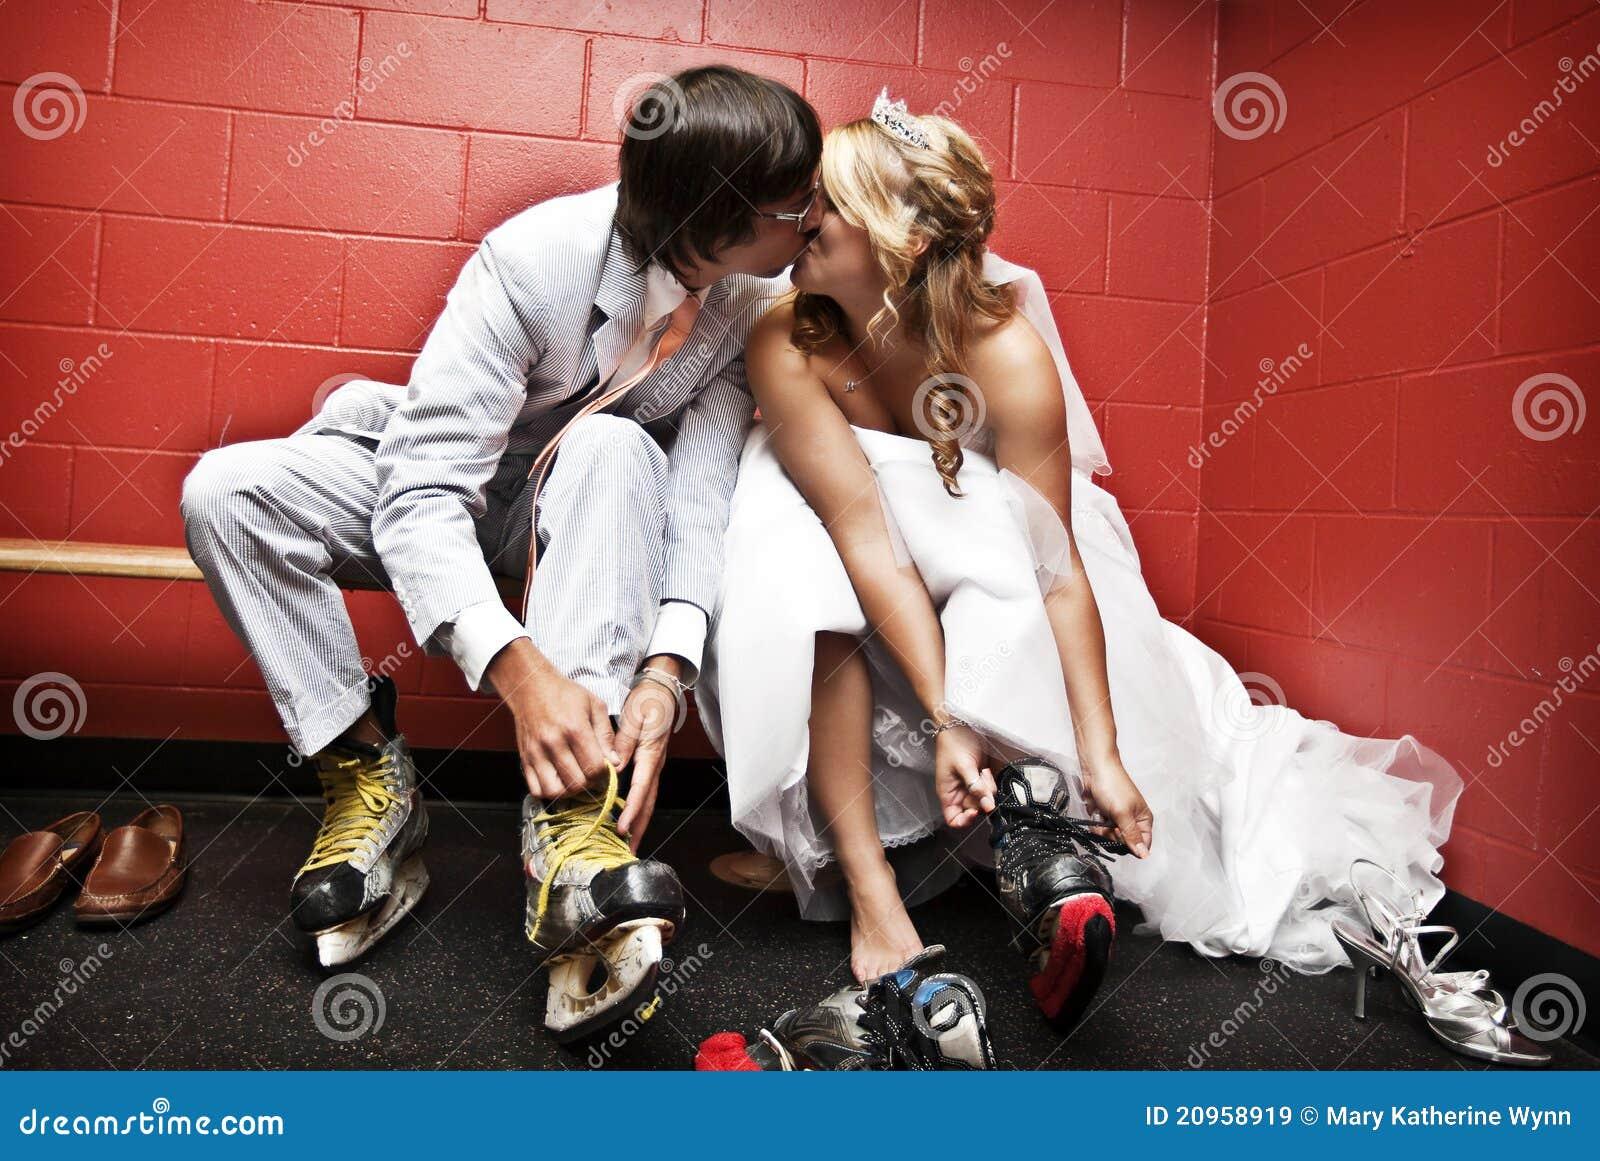 Noiva e noivo que põr sobre patins de gelo